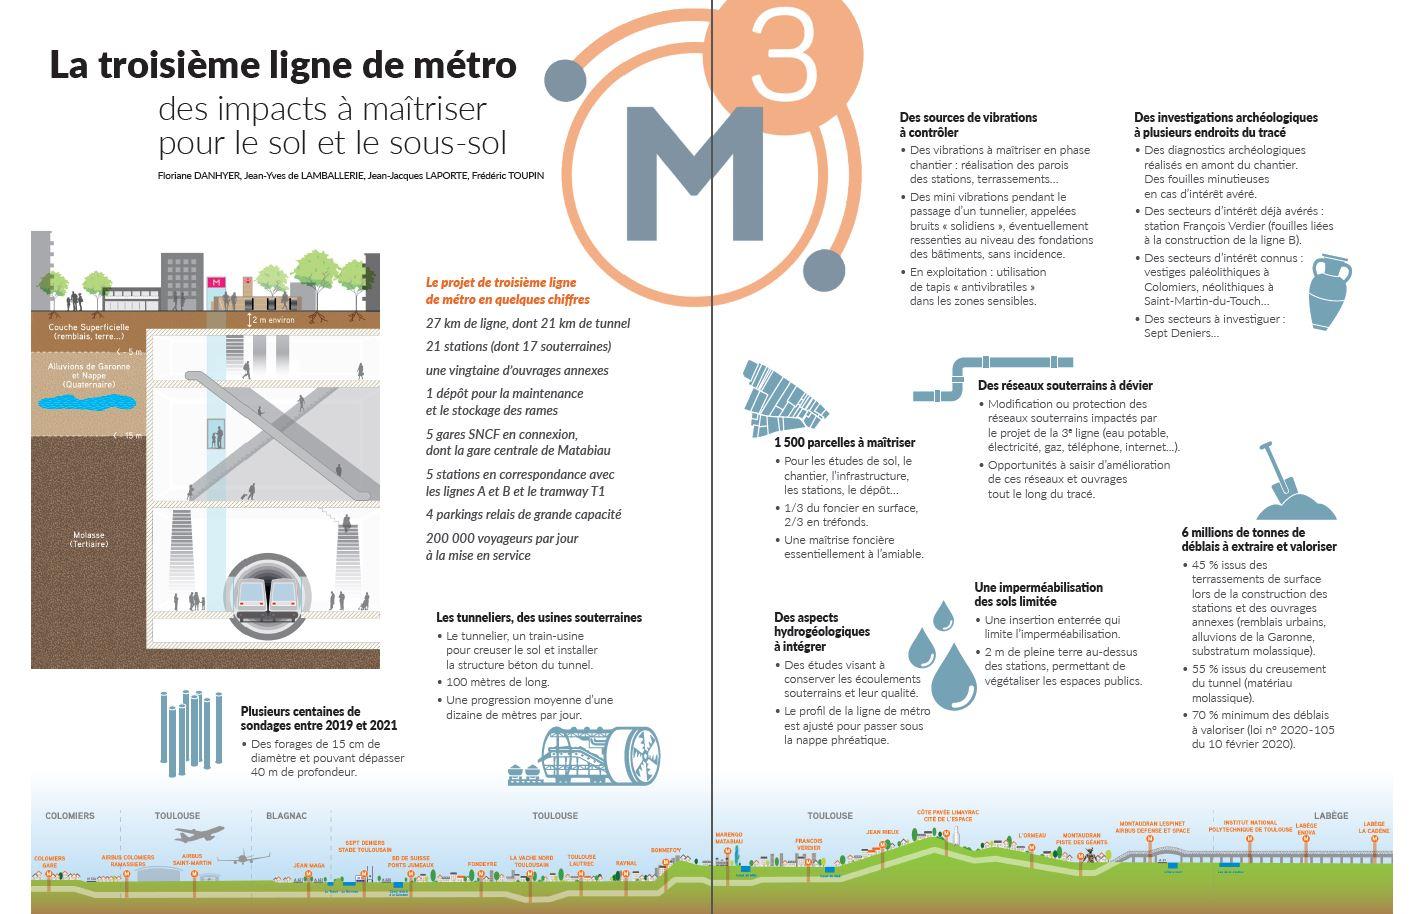 La troisième ligne de métro : des impacts à maîtriser pour le sol et le sous-sol